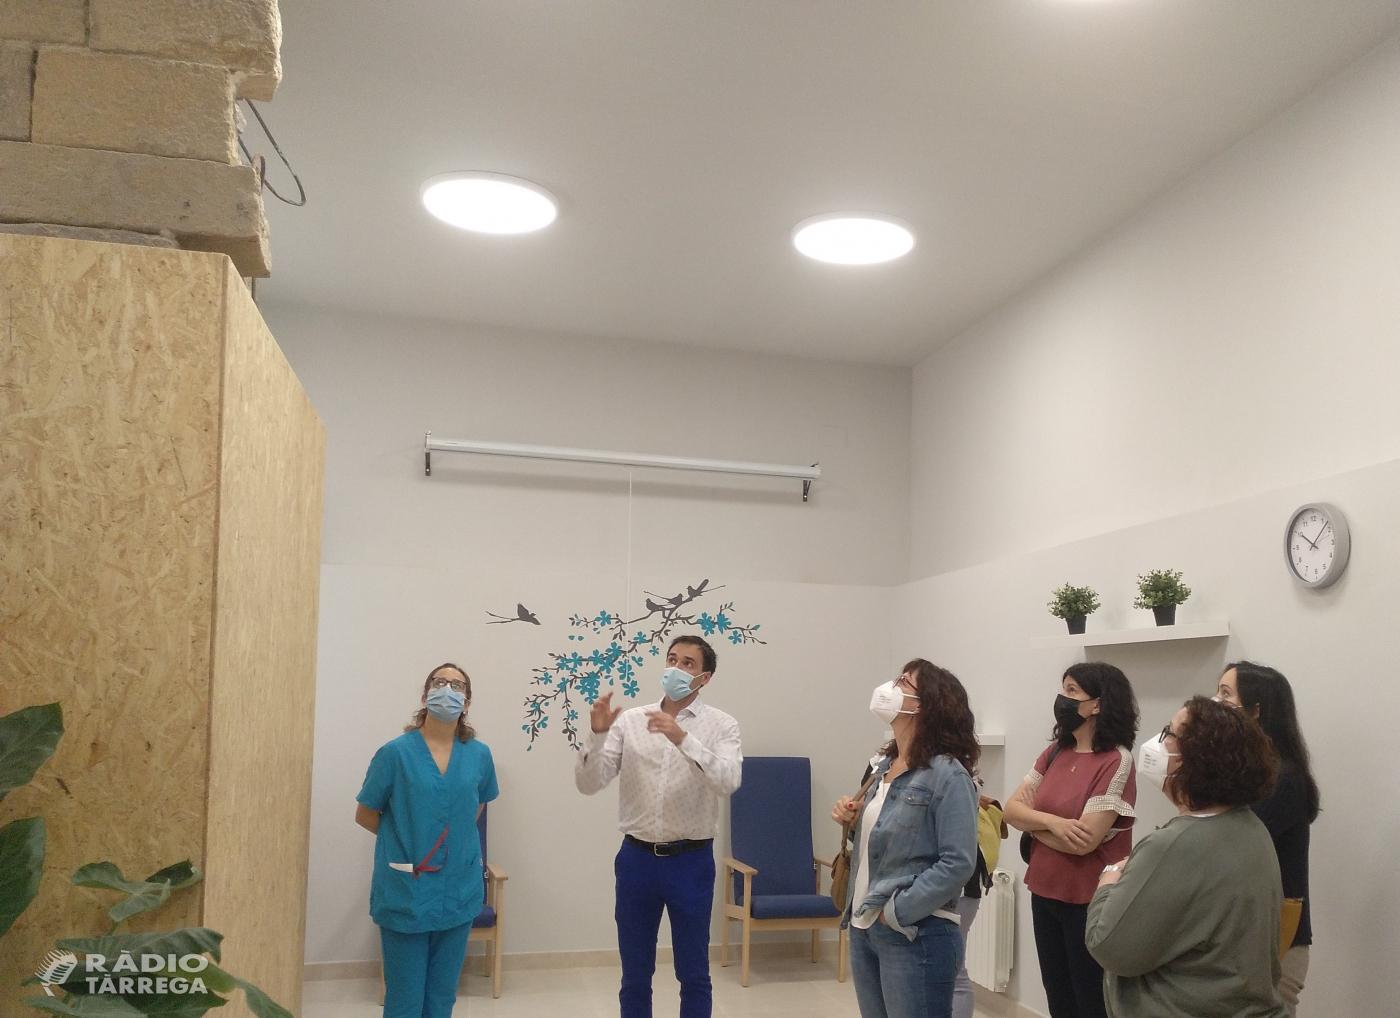 La residència Sant Antoni de Tàrrega reprèn el Servei de centre de dia en unes noves instal·lacions